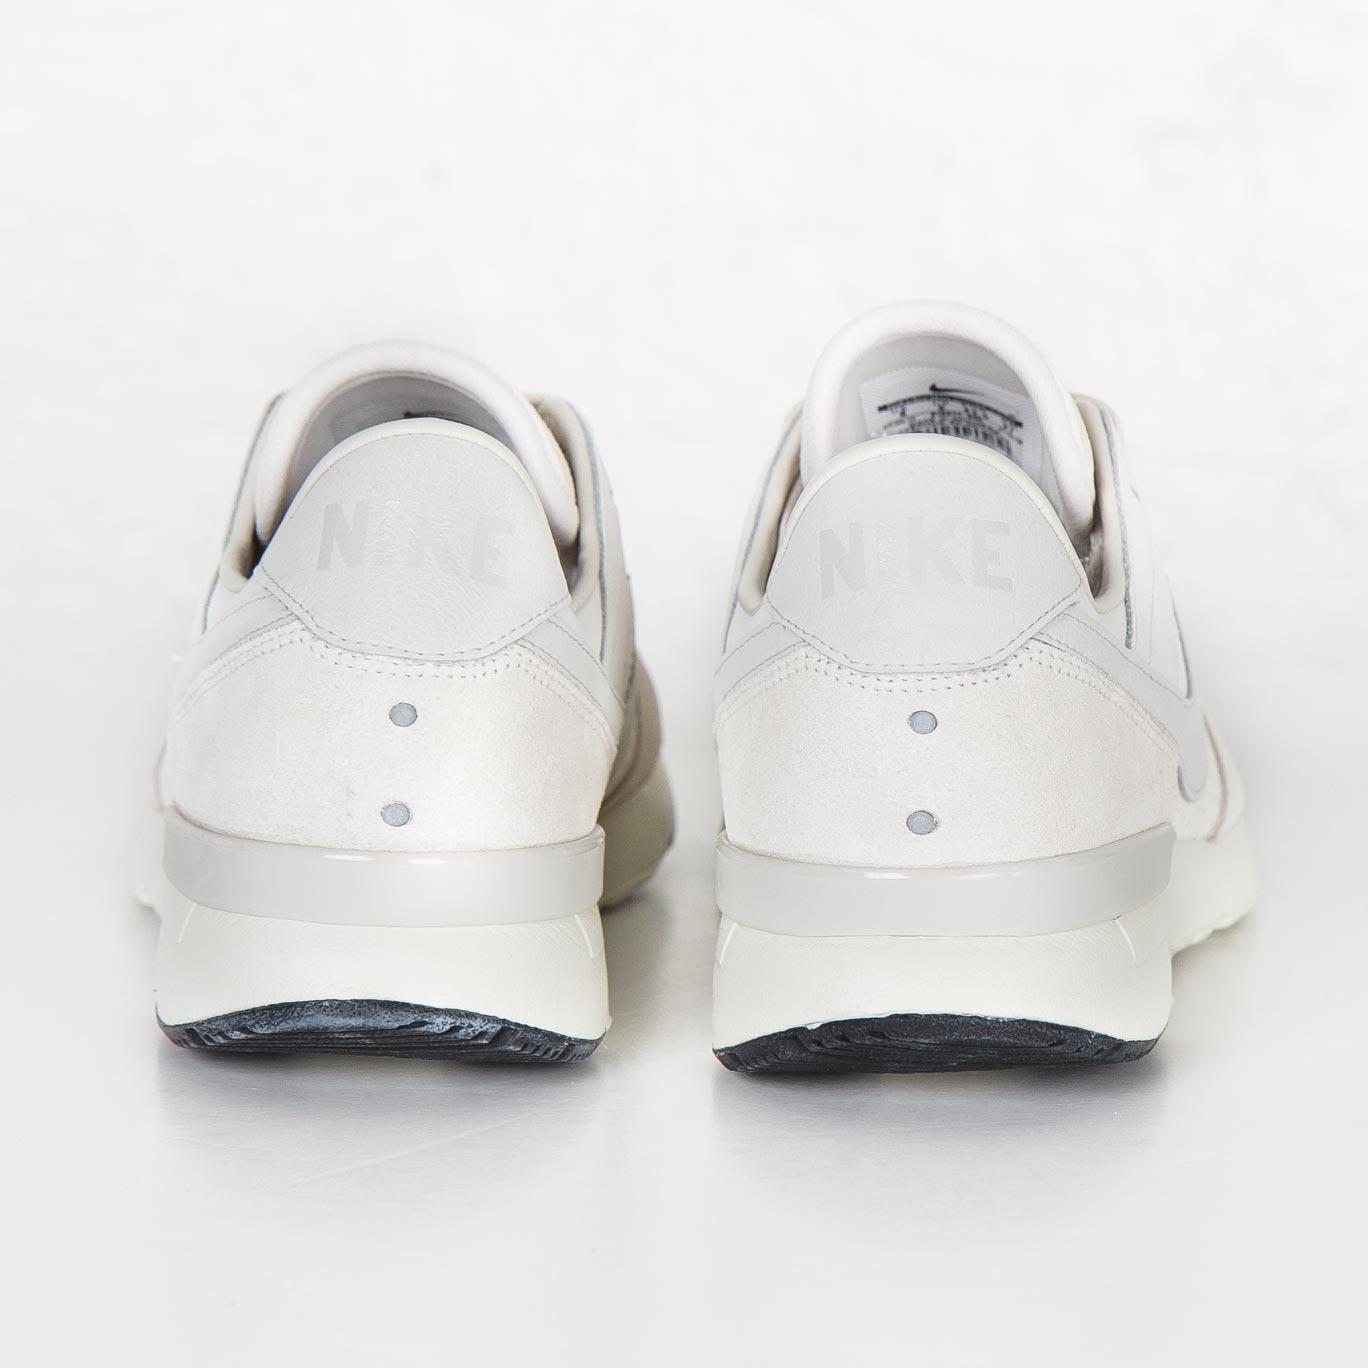 huge selection of 56f45 2c2de Nike Archive 83 M LX - 819517-055 - Sneakersnstuff   sneakers   streetwear  på nätet sen 1999